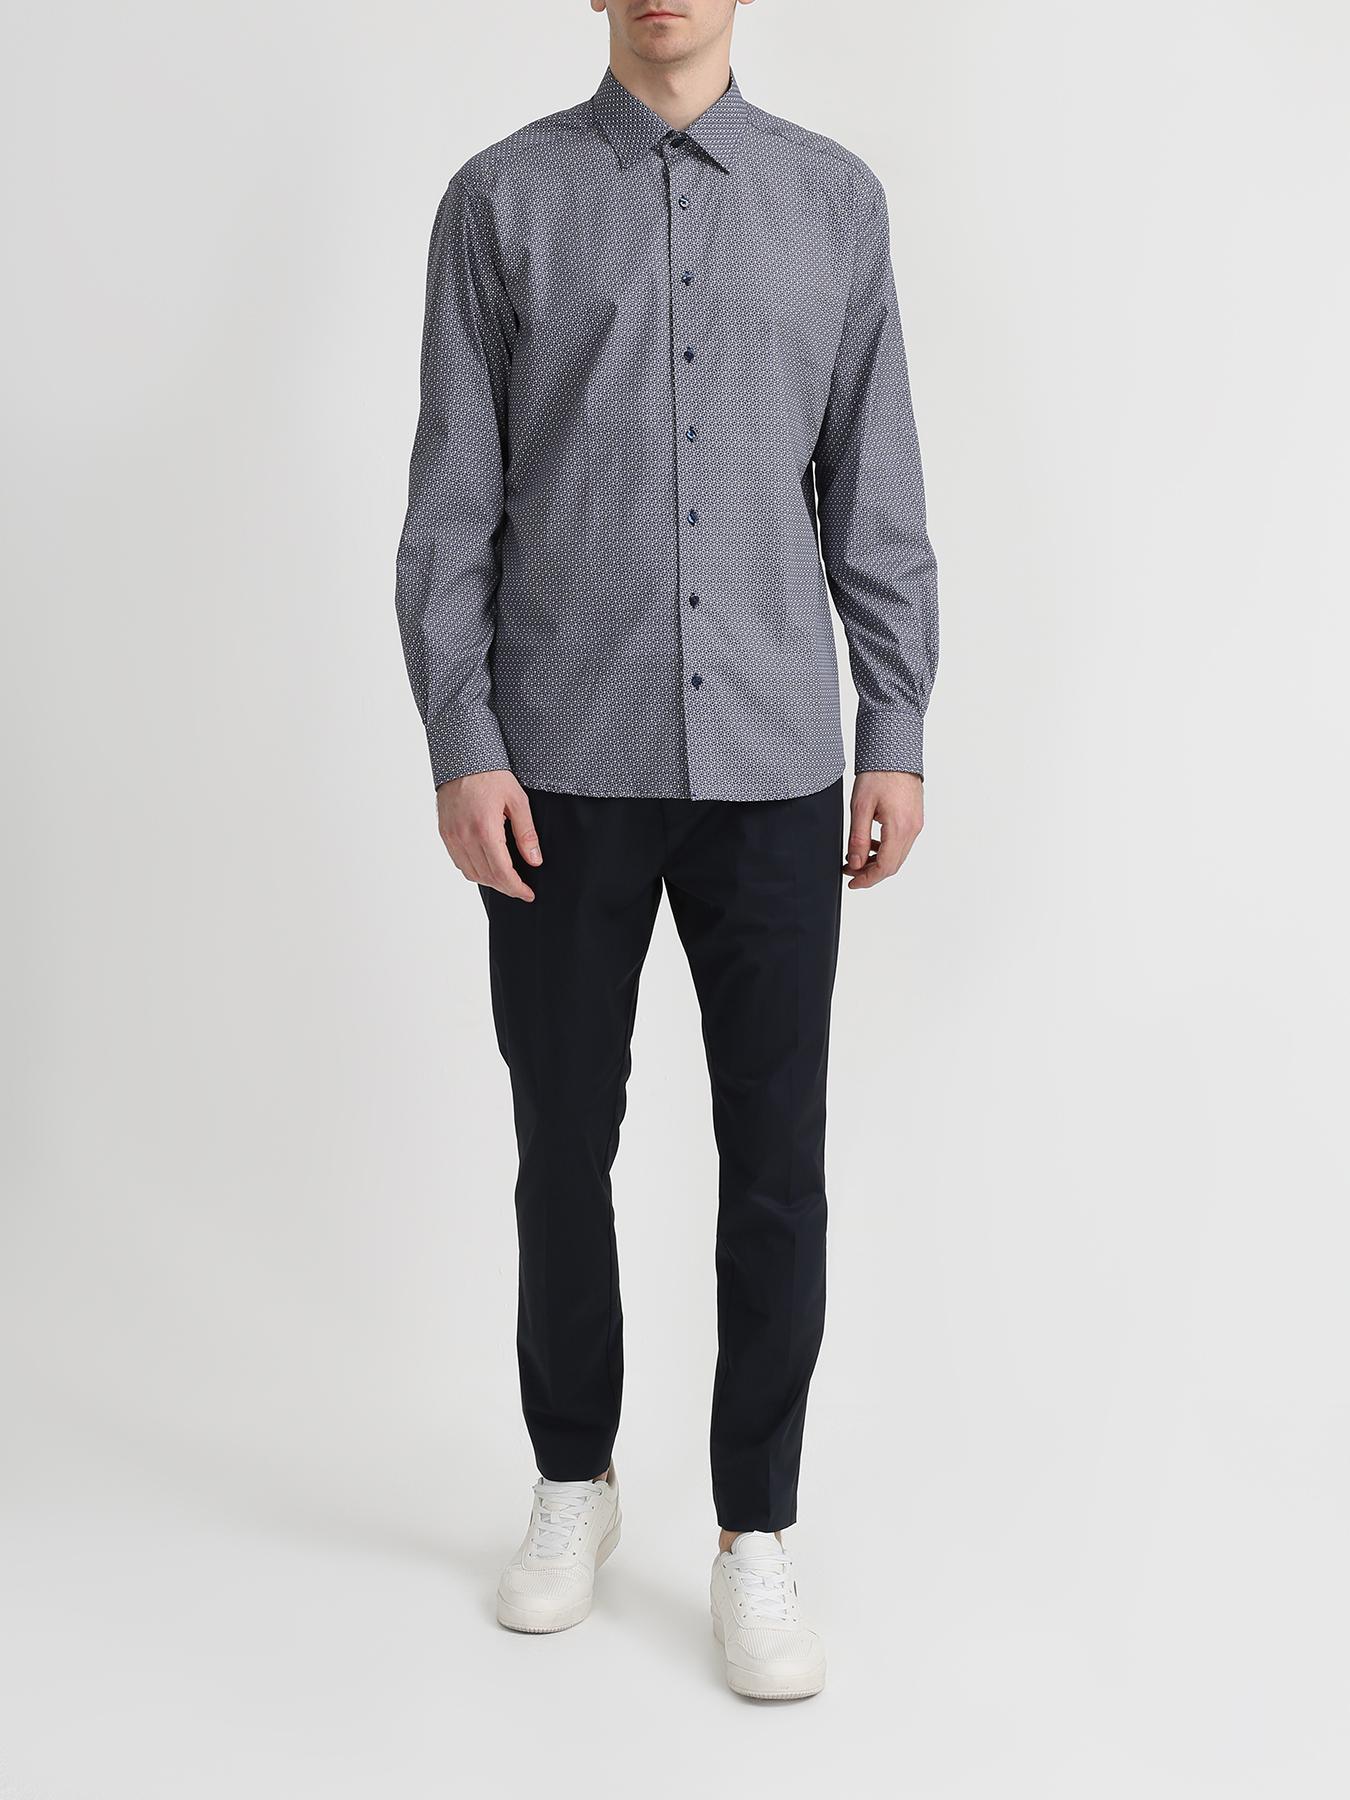 Eterna Хлопковая рубашка 333531-023